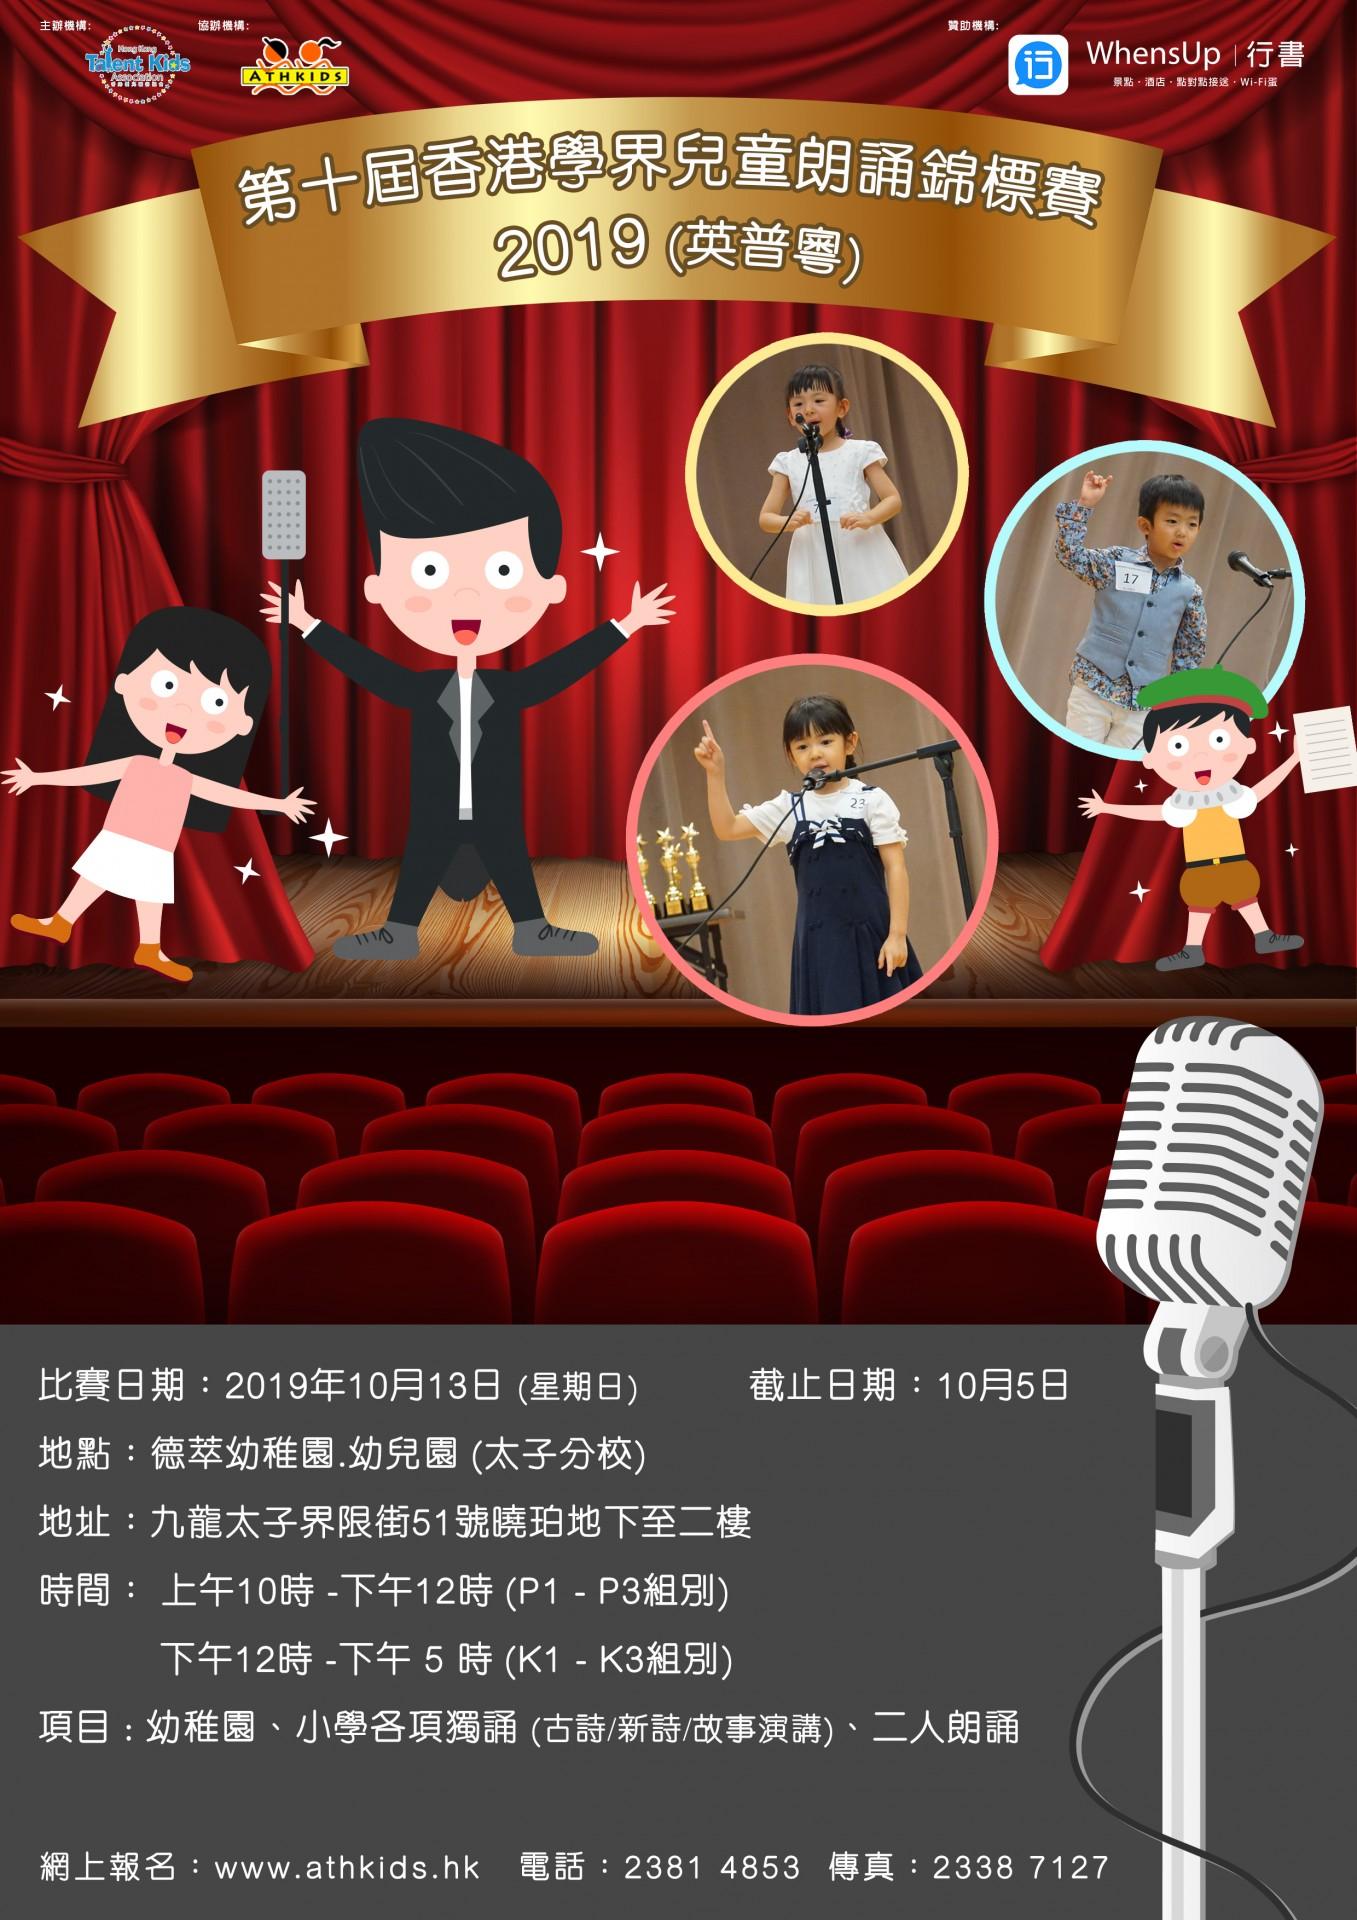 第十屆香港學界兒童朗誦錦標賽2019(英普粵)